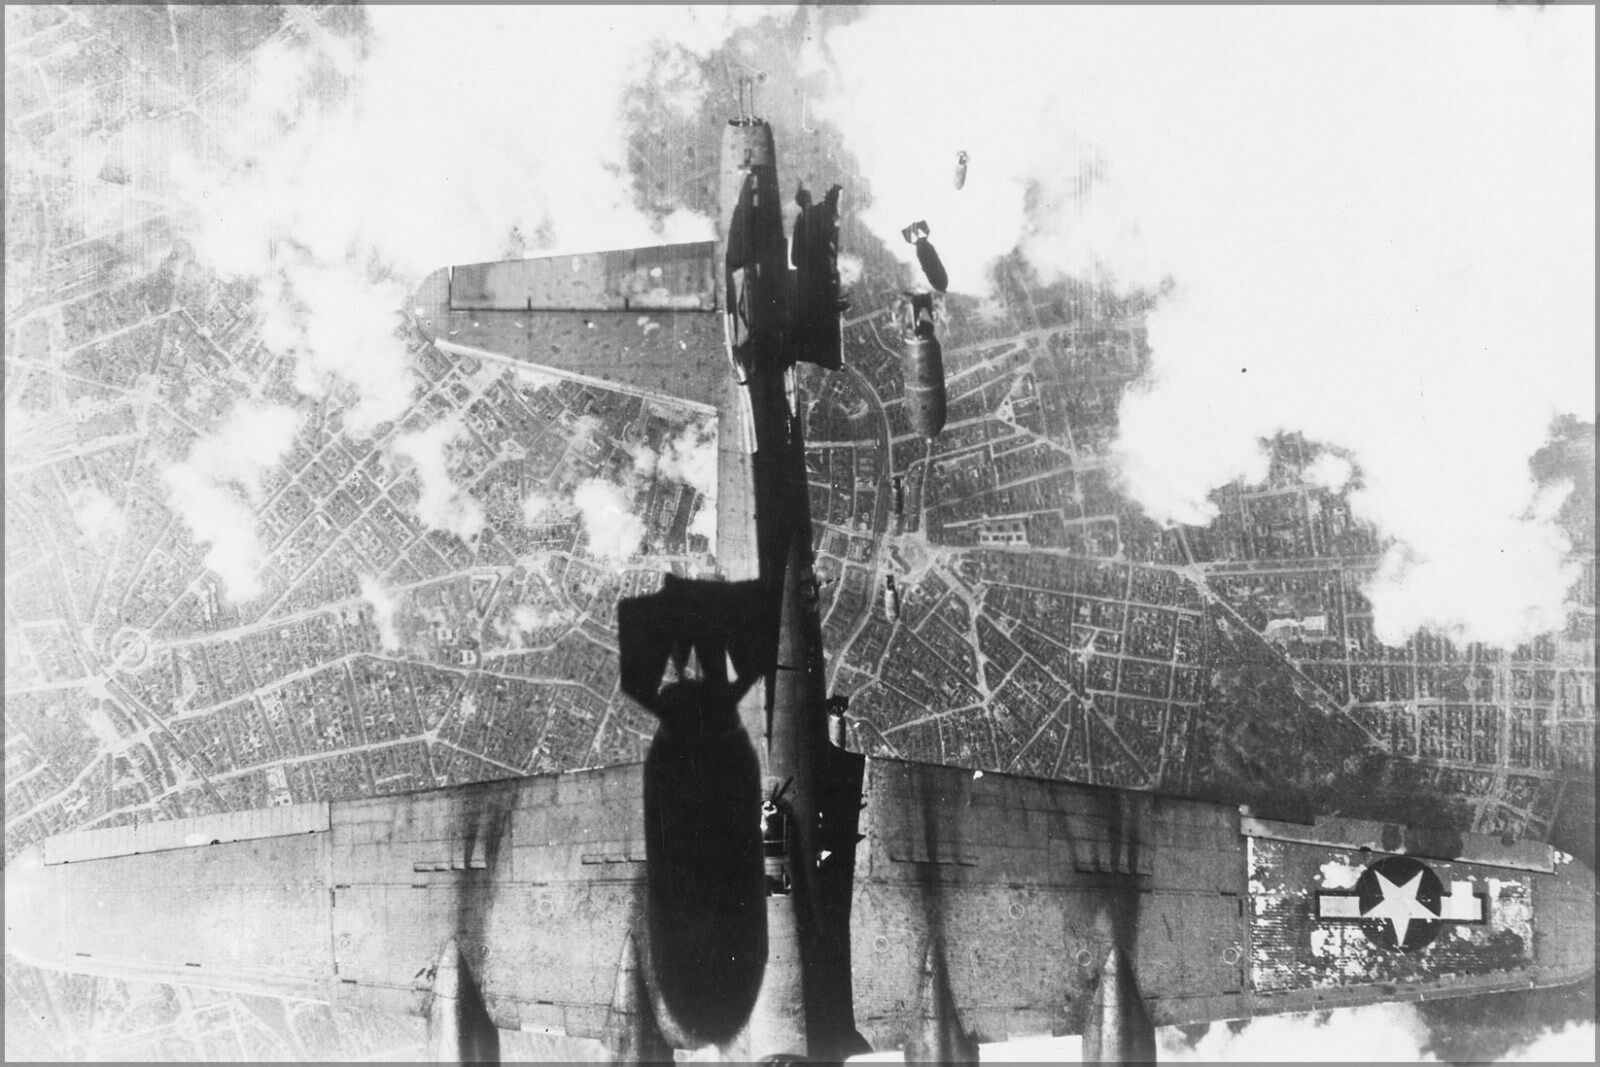 Plakat, Viele Größen; Vereinigte Staaten Bombardierung Raid über eine Deutsch